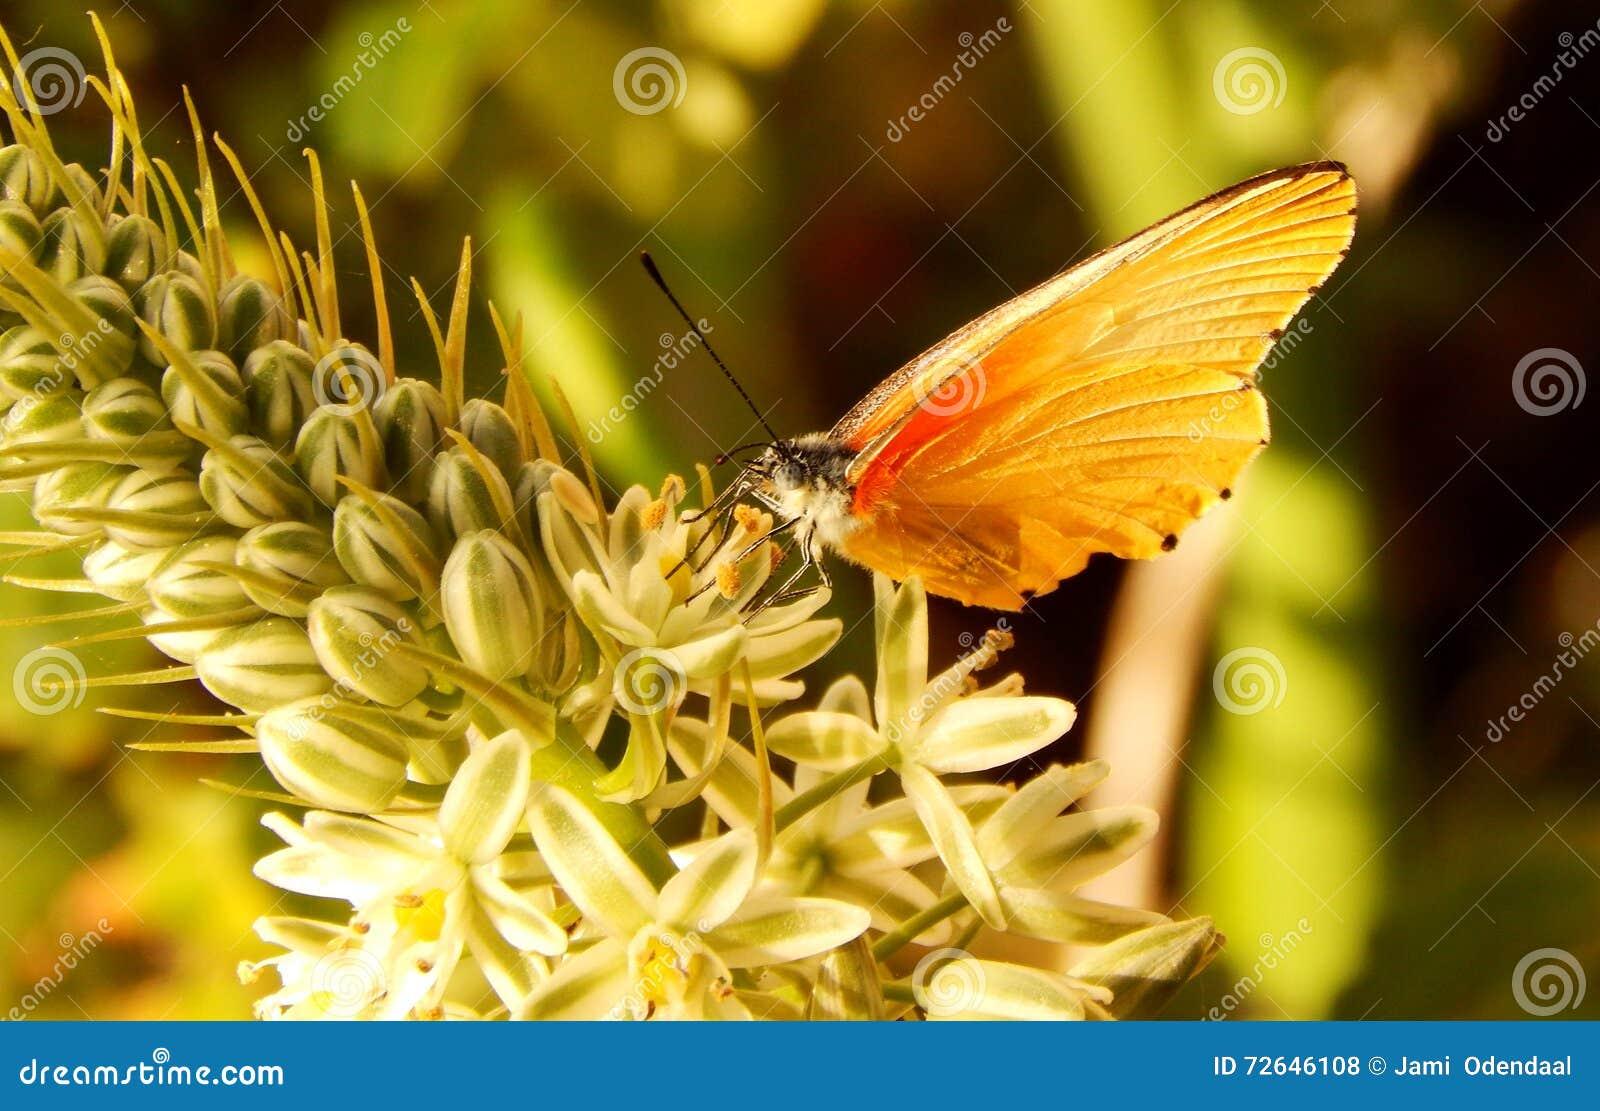 Papillon jaune et orange sur la fleur photo stock image - Image papillon et fleur ...